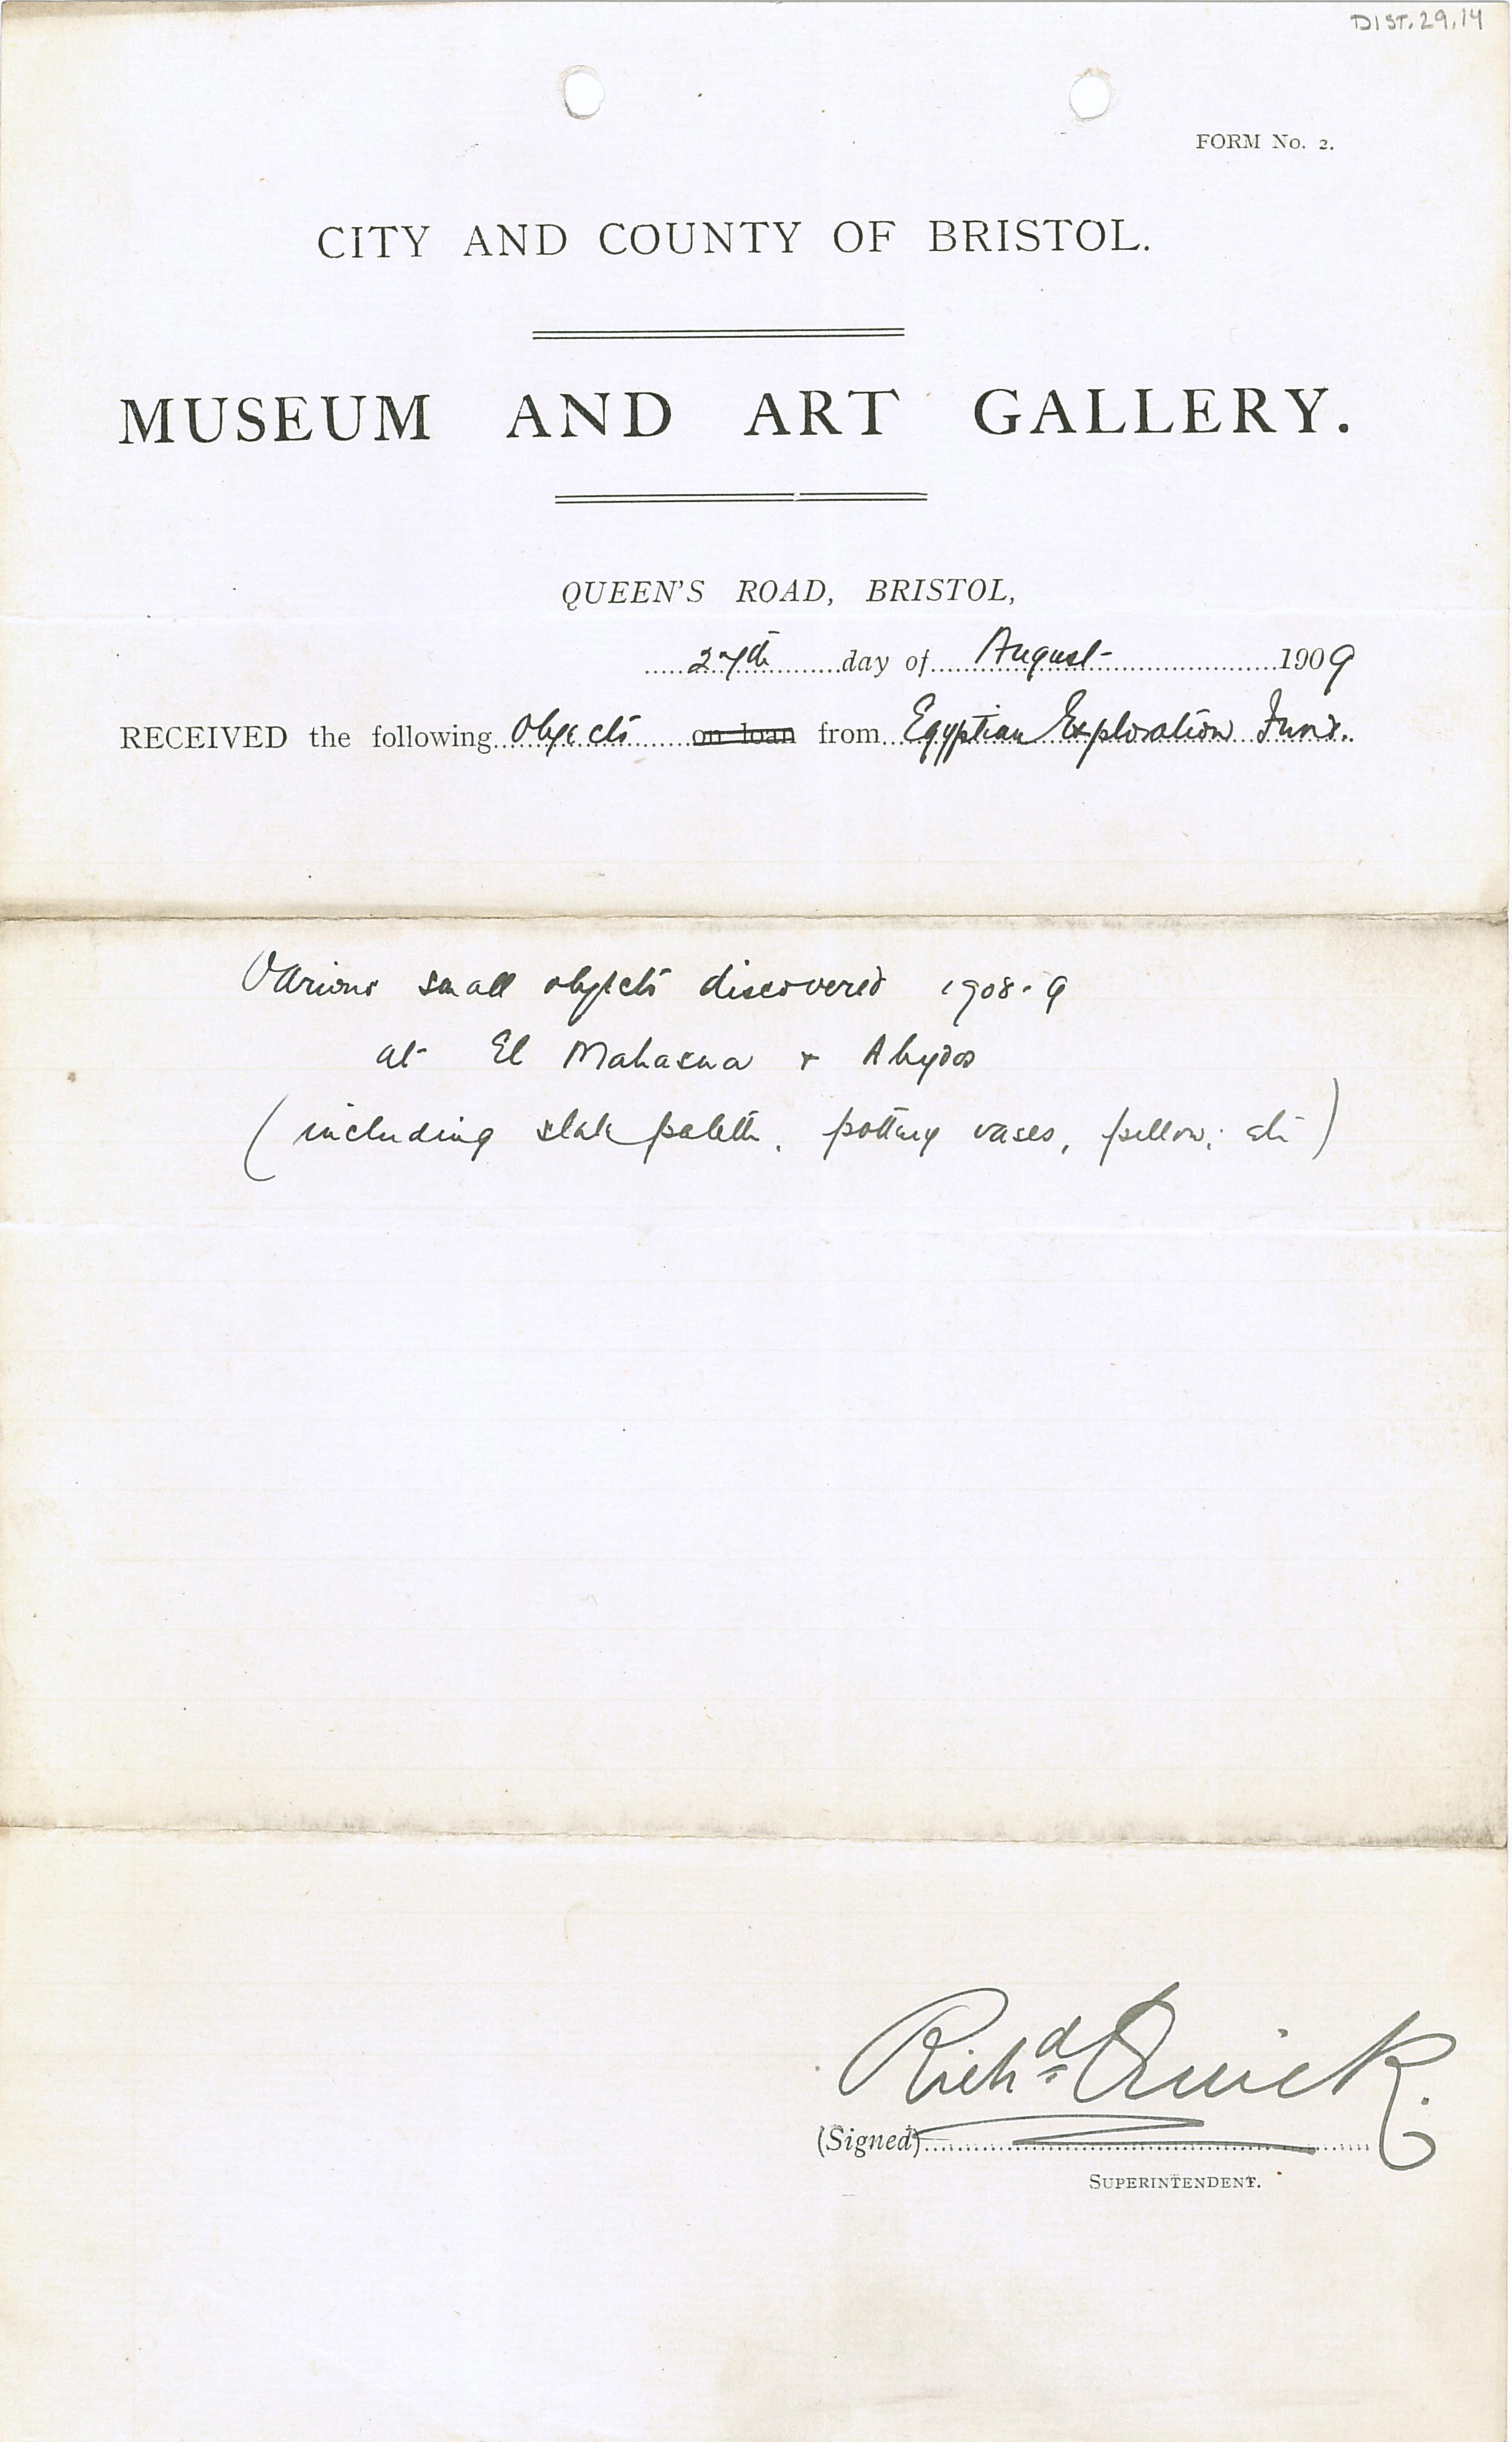 1908-09 el-Mahasna, Abydos DIST.29.14